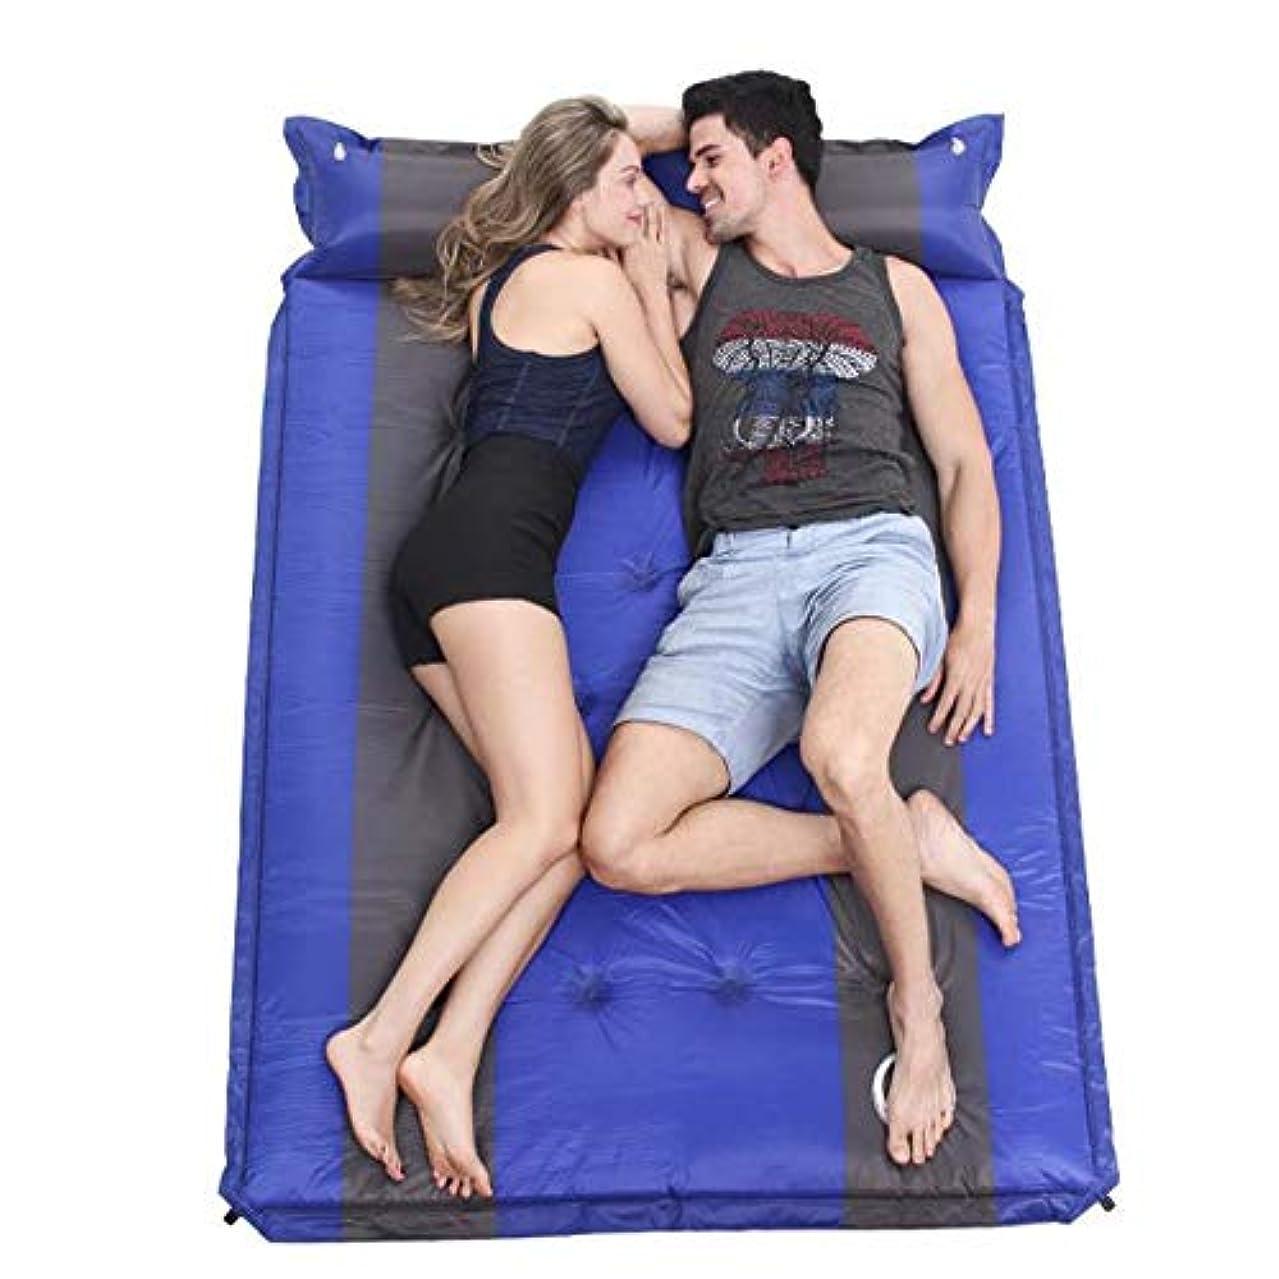 アーティキュレーション遷移表向き2人の人の膨脹可能な屋外のエアマットレスの防水自己膨脹可能な二重キャンプの睡眠パッドのための付属の枕ライト級選手が付いている密集した泡 (色 : 青, サイズ : 74.8*51.2*1.38inches)